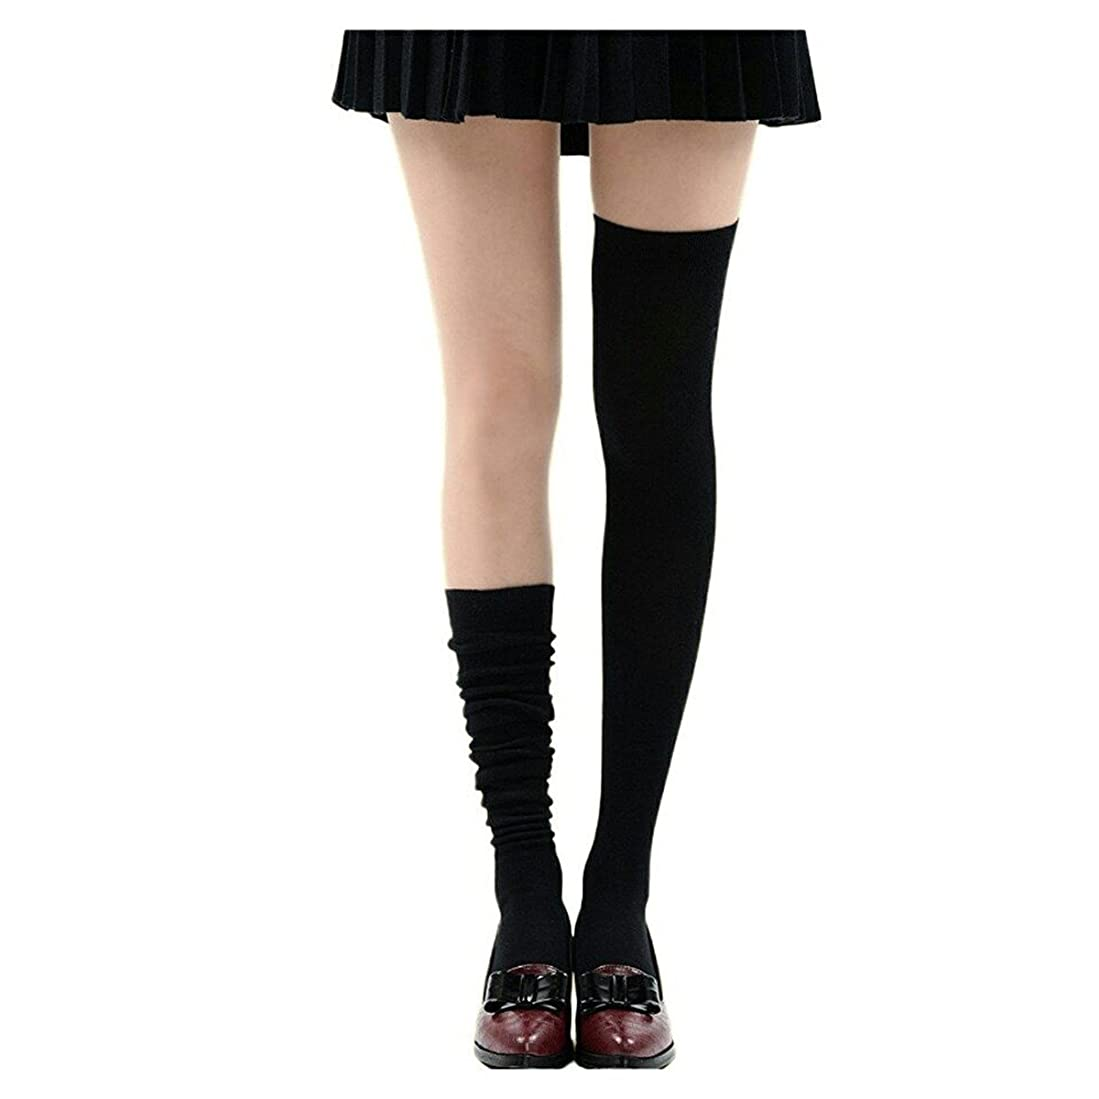 変動する司教治安判事Manu20 トップ弾力性 女子高生の靴下 サイハイソックス スッキリ 美脚 着圧オーバーニーソックス